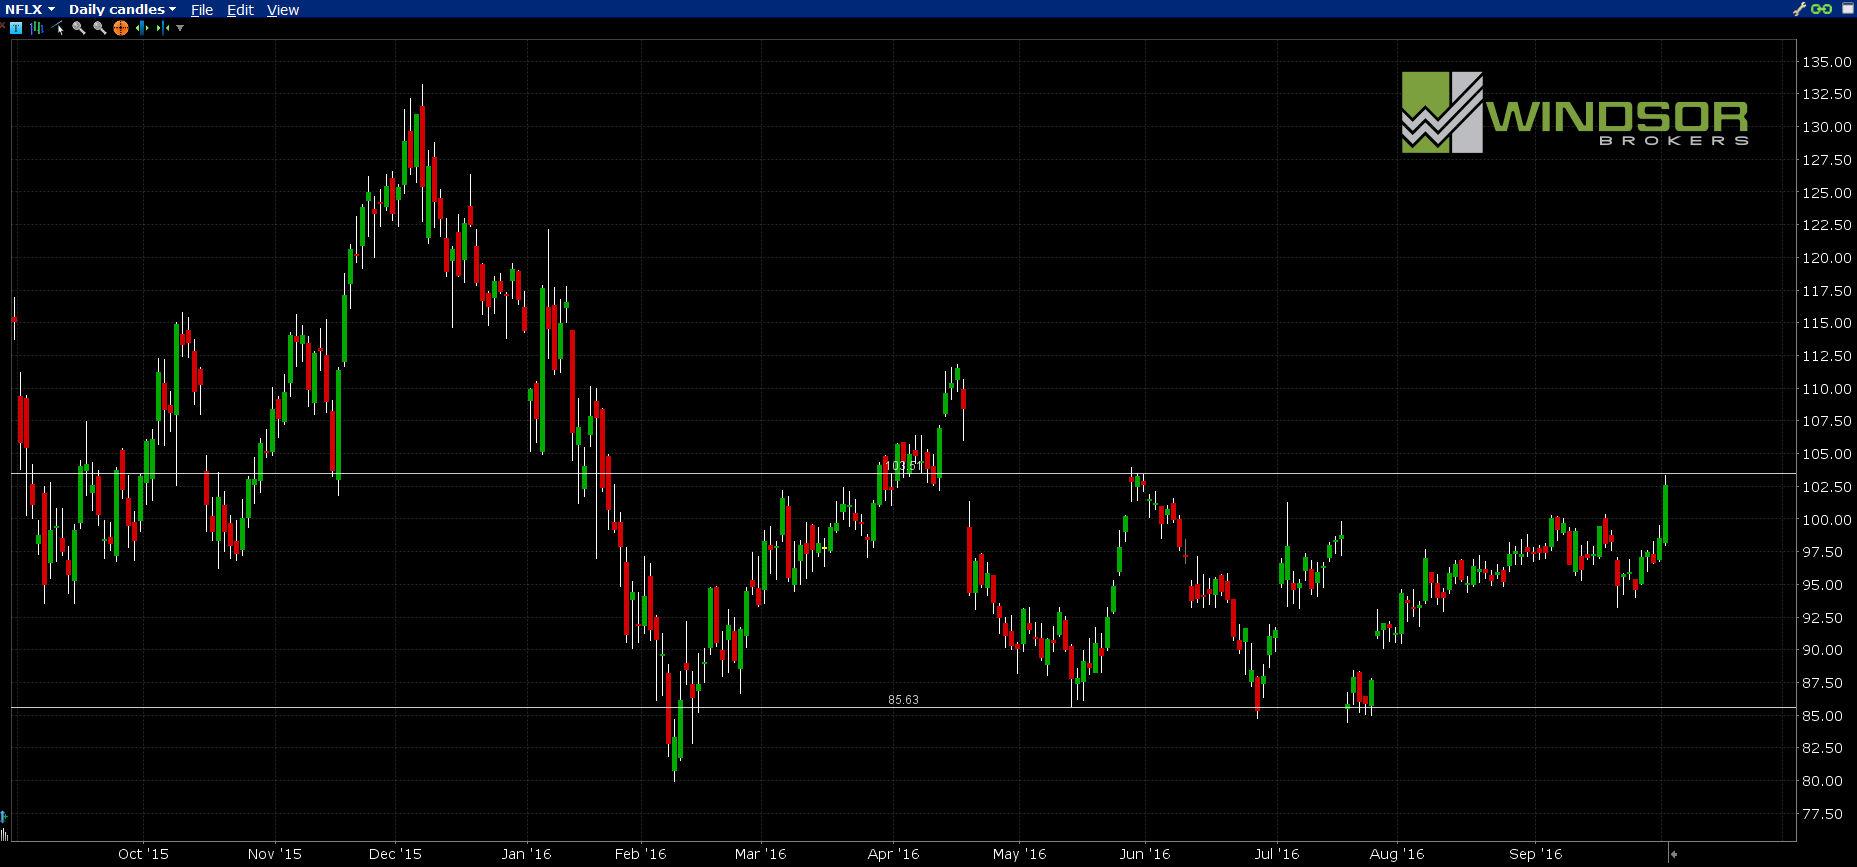 Wykres spółki NETFLIX dla interwału D1. All Markets Online.